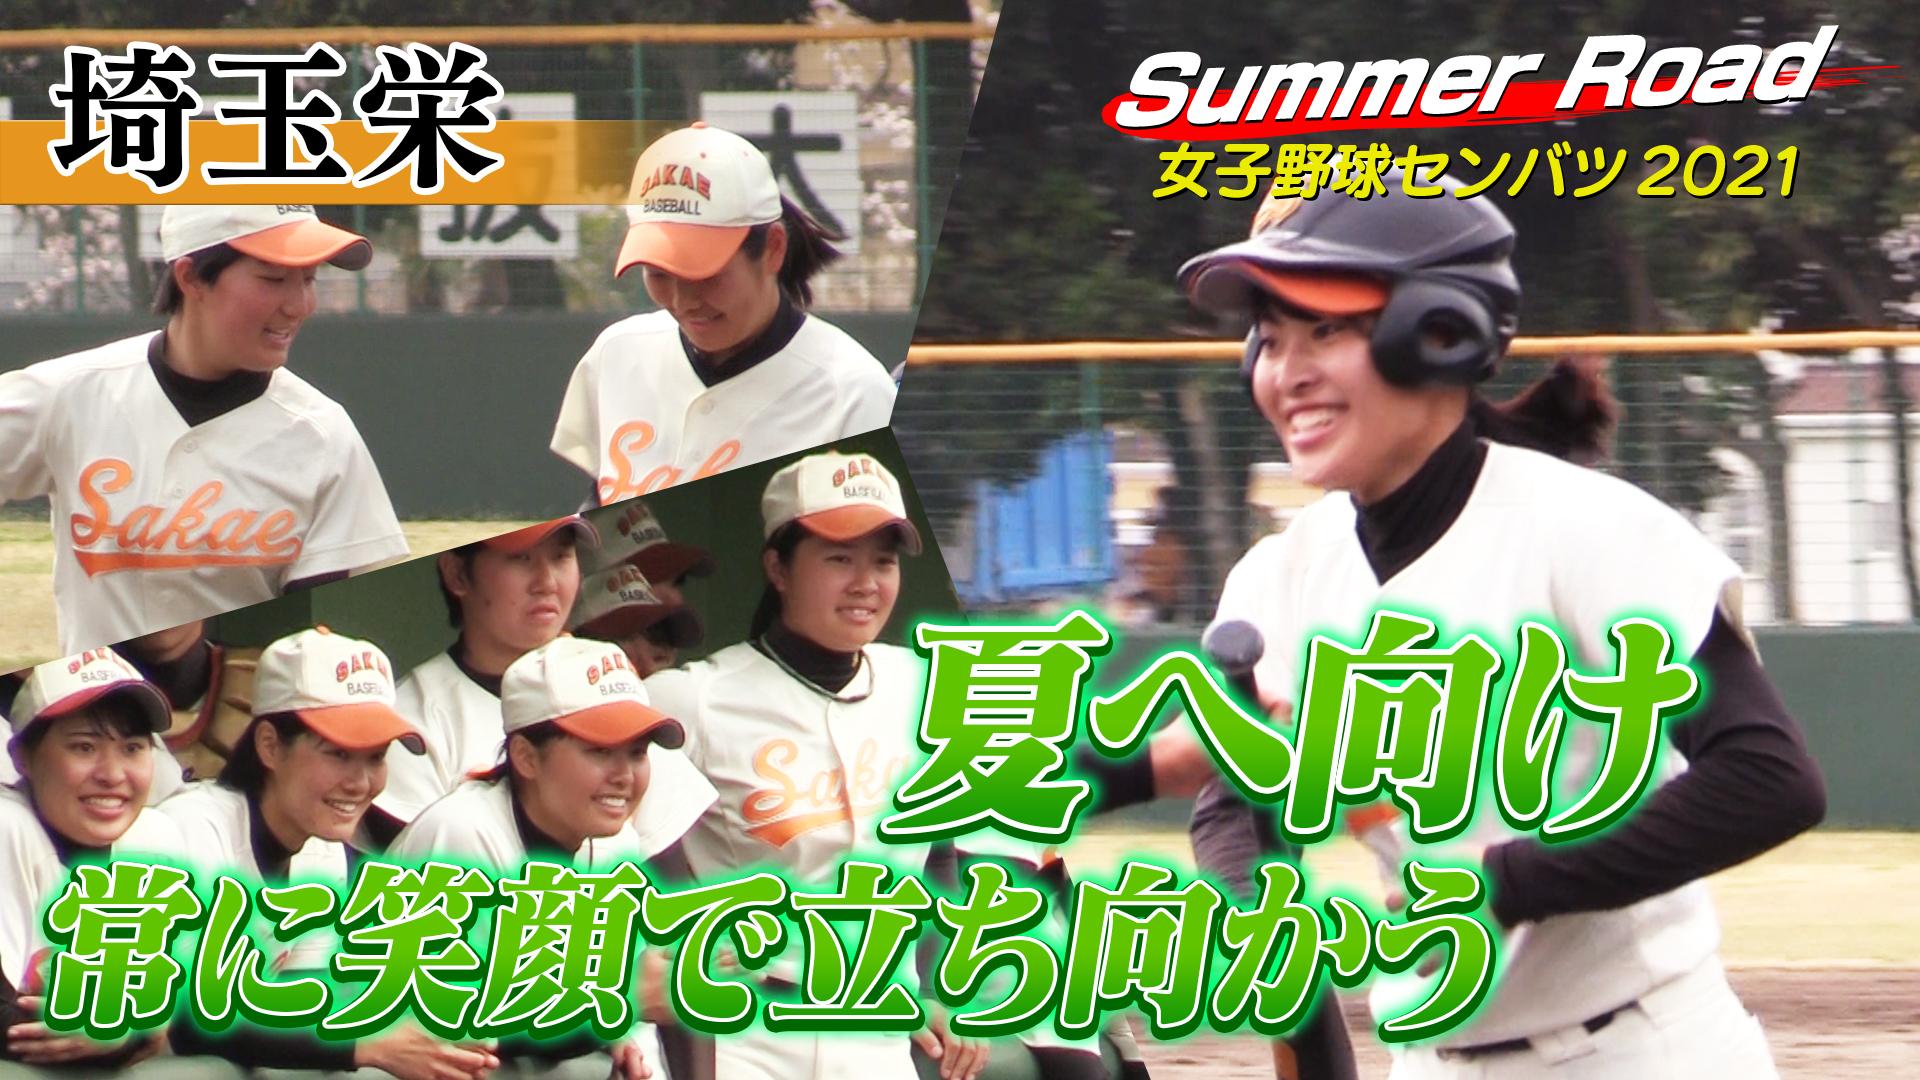 【埼玉栄 気持ちで掴んだ8強】2試合連続タイブレーク制し準々決勝へ、神戸弘陵に常に笑顔で立ち向かう[Summer Road]女子高校野球センバツ2021 ブカピ女子野球